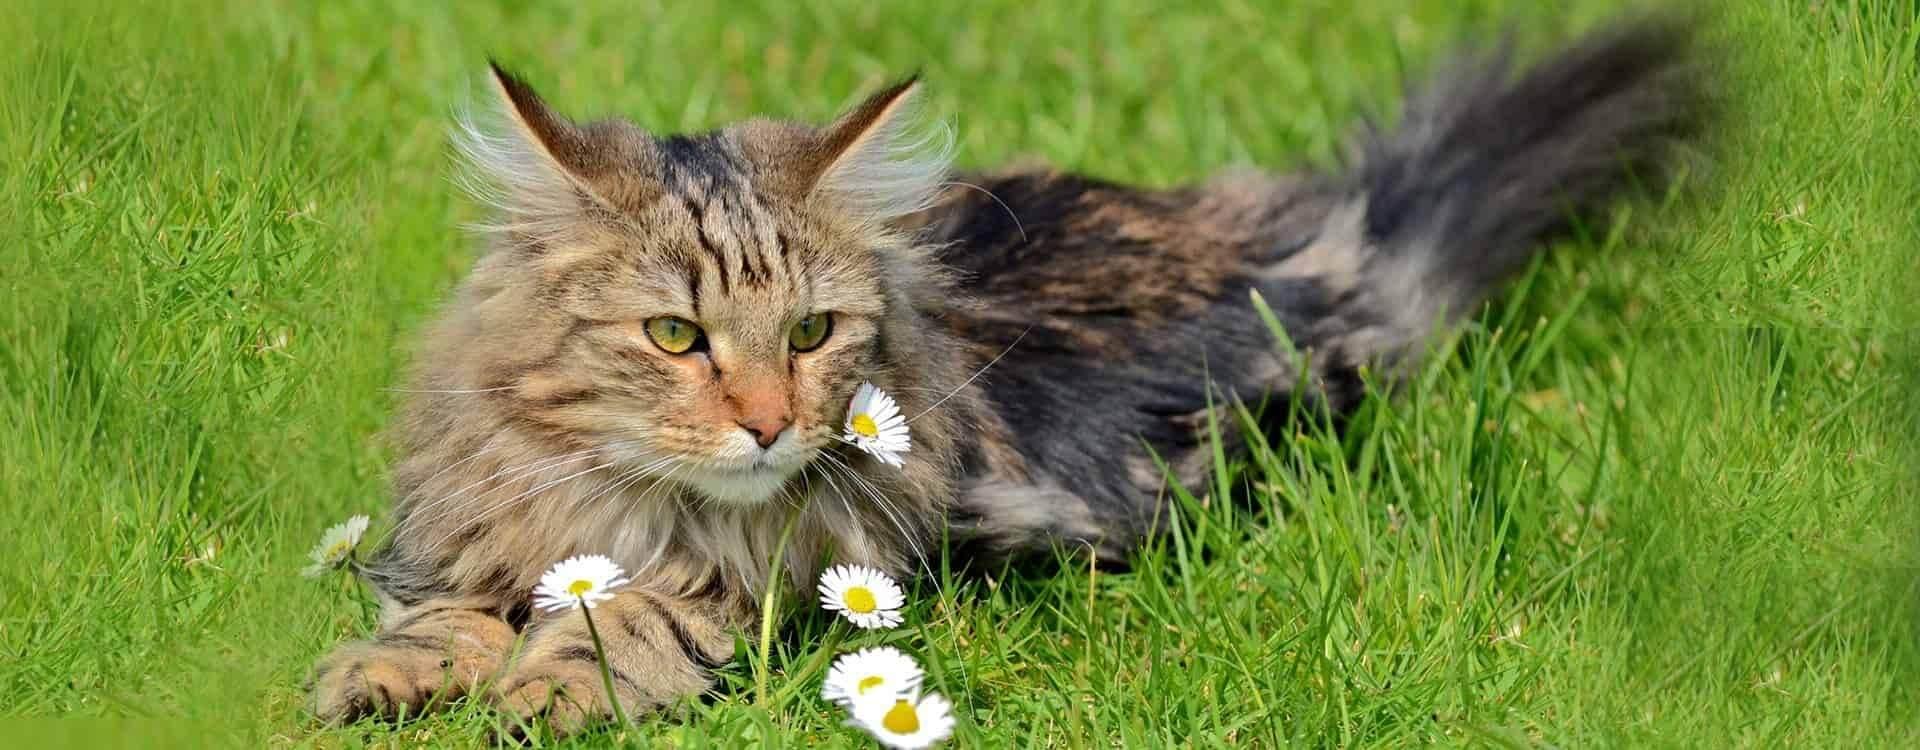 ...Z miłości do zwierząt, w trosce o Twojego pupila...